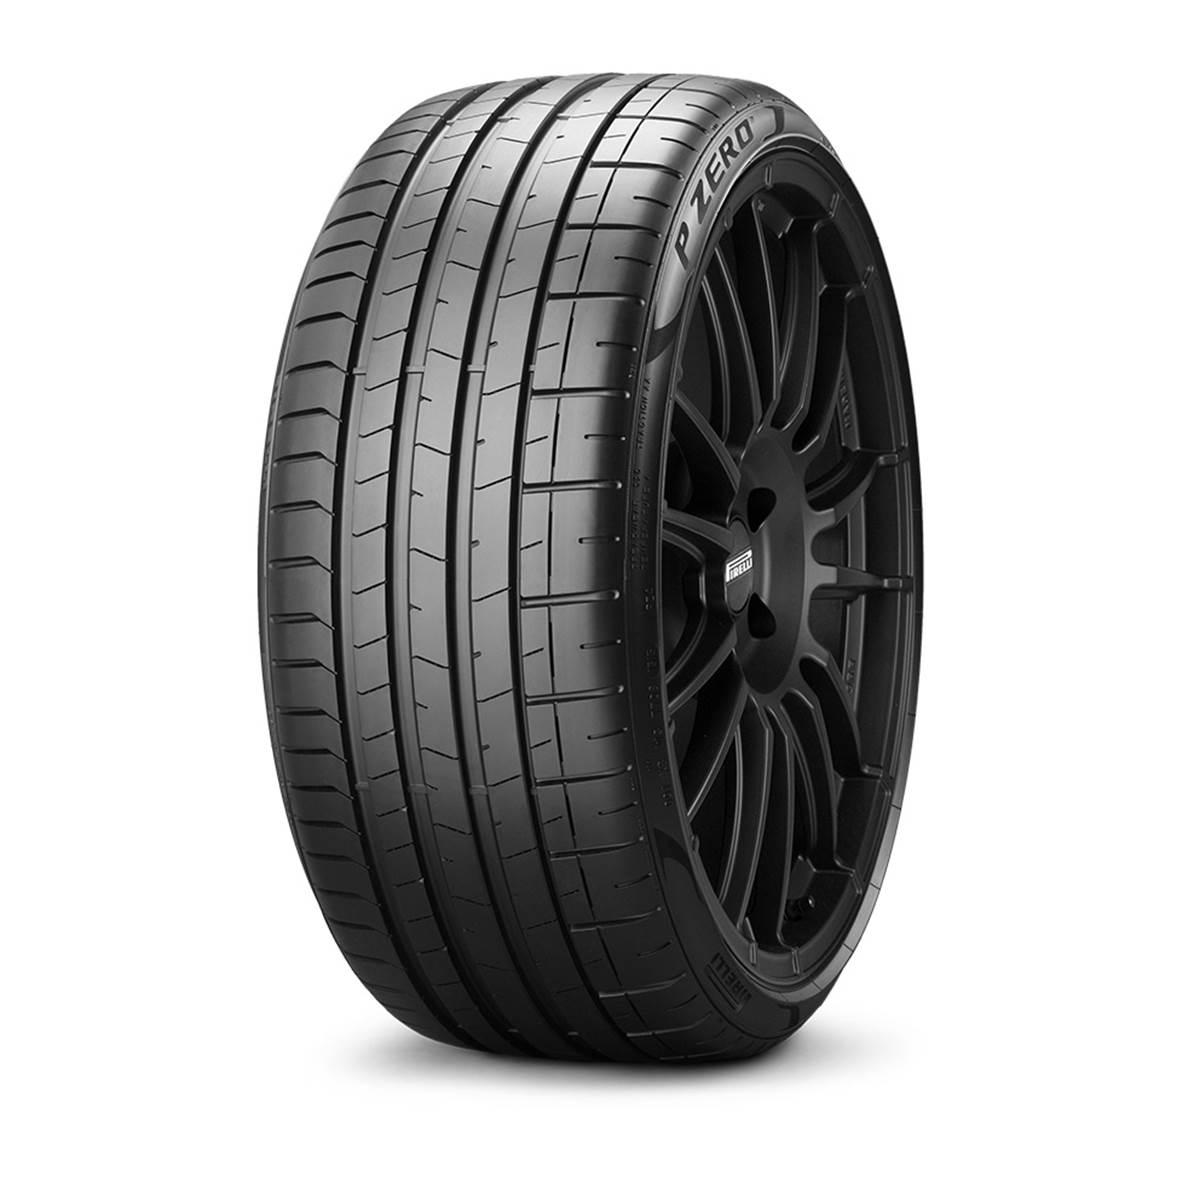 Pneu Pirelli 245/35R21 96Y Pzero XL